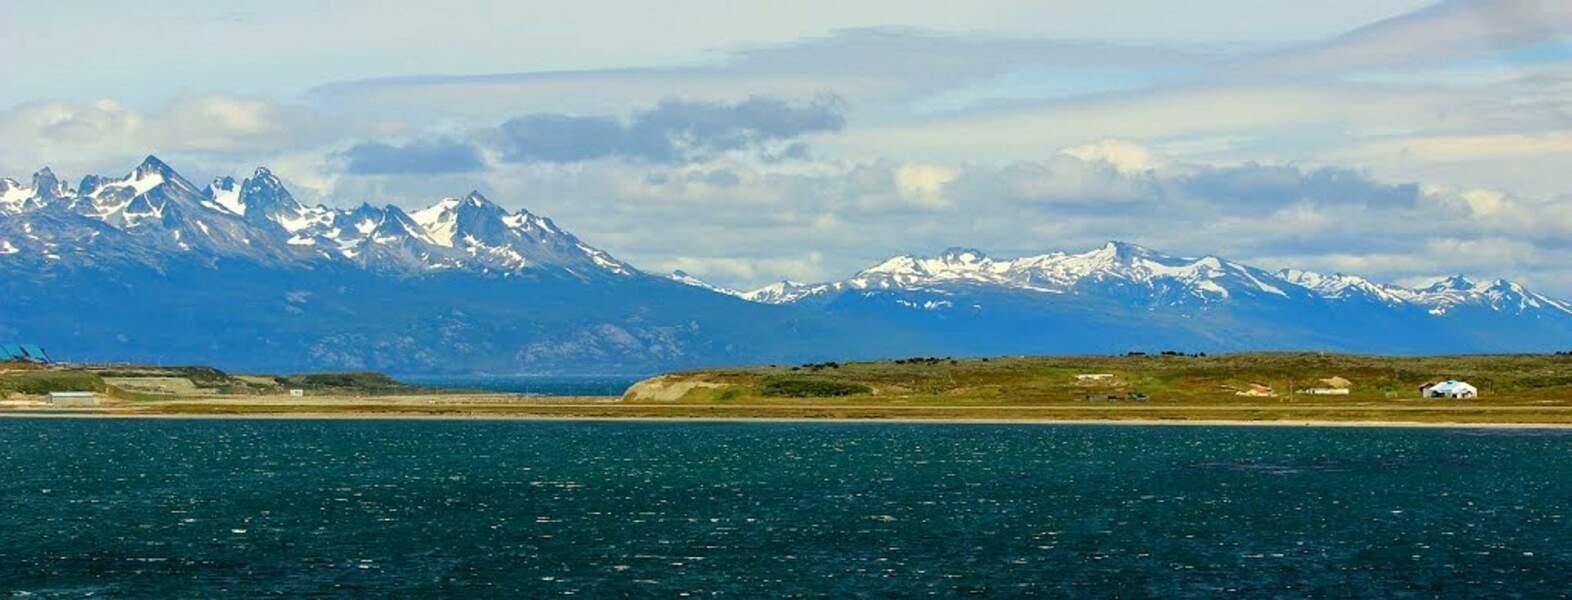 Destination Ushuaïa, la magie du Cap Horn